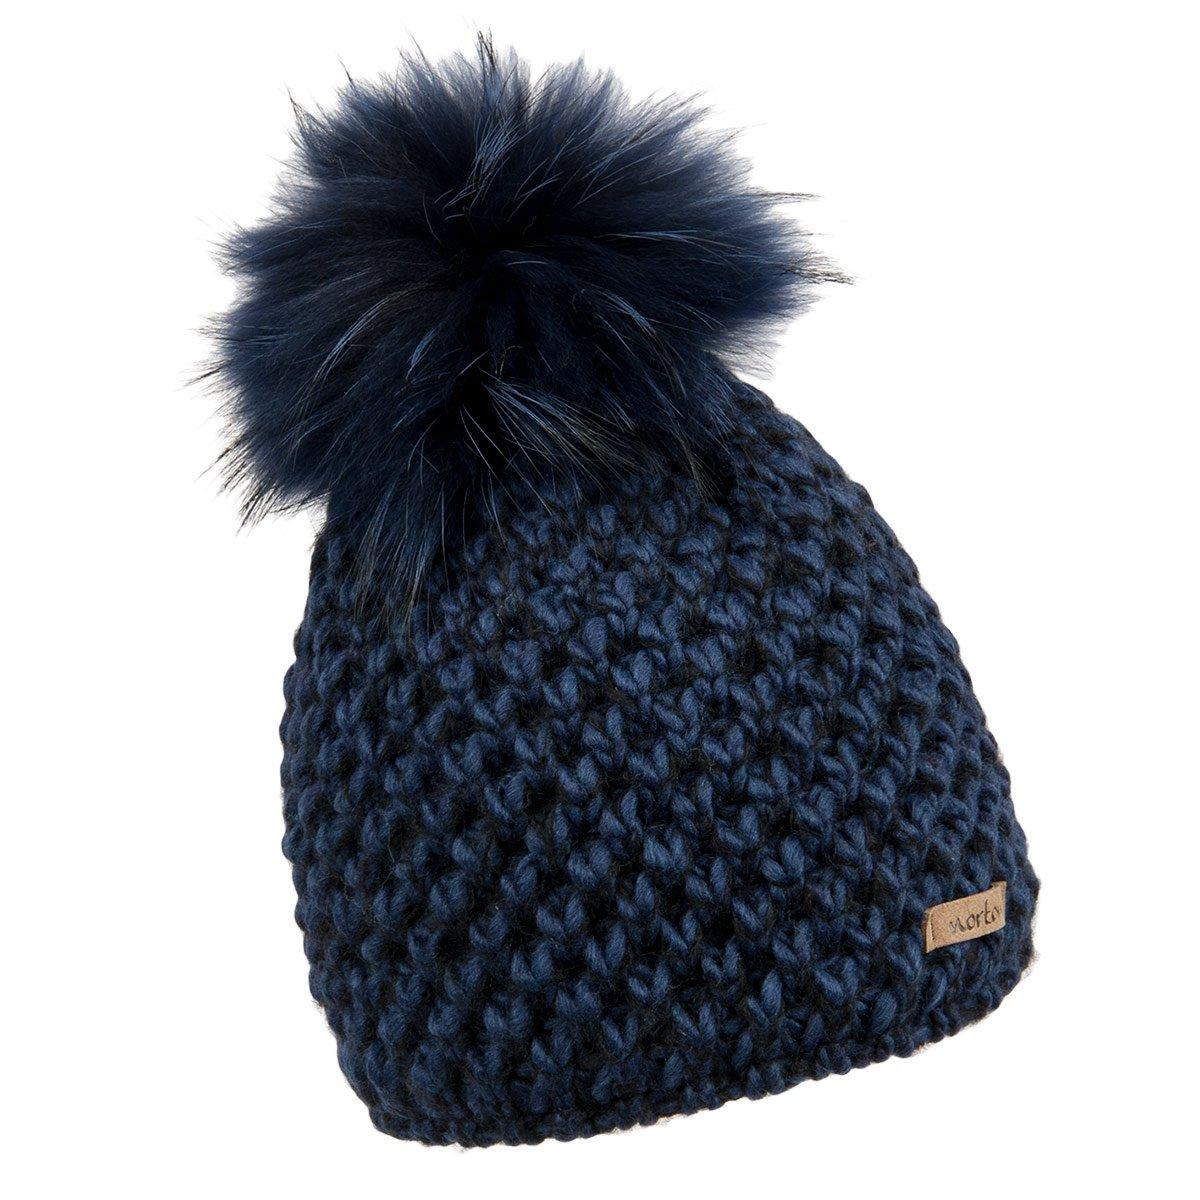 berretto da donna con pompon animale modello Kate firmato Norton ... 4c8b2e830fe2